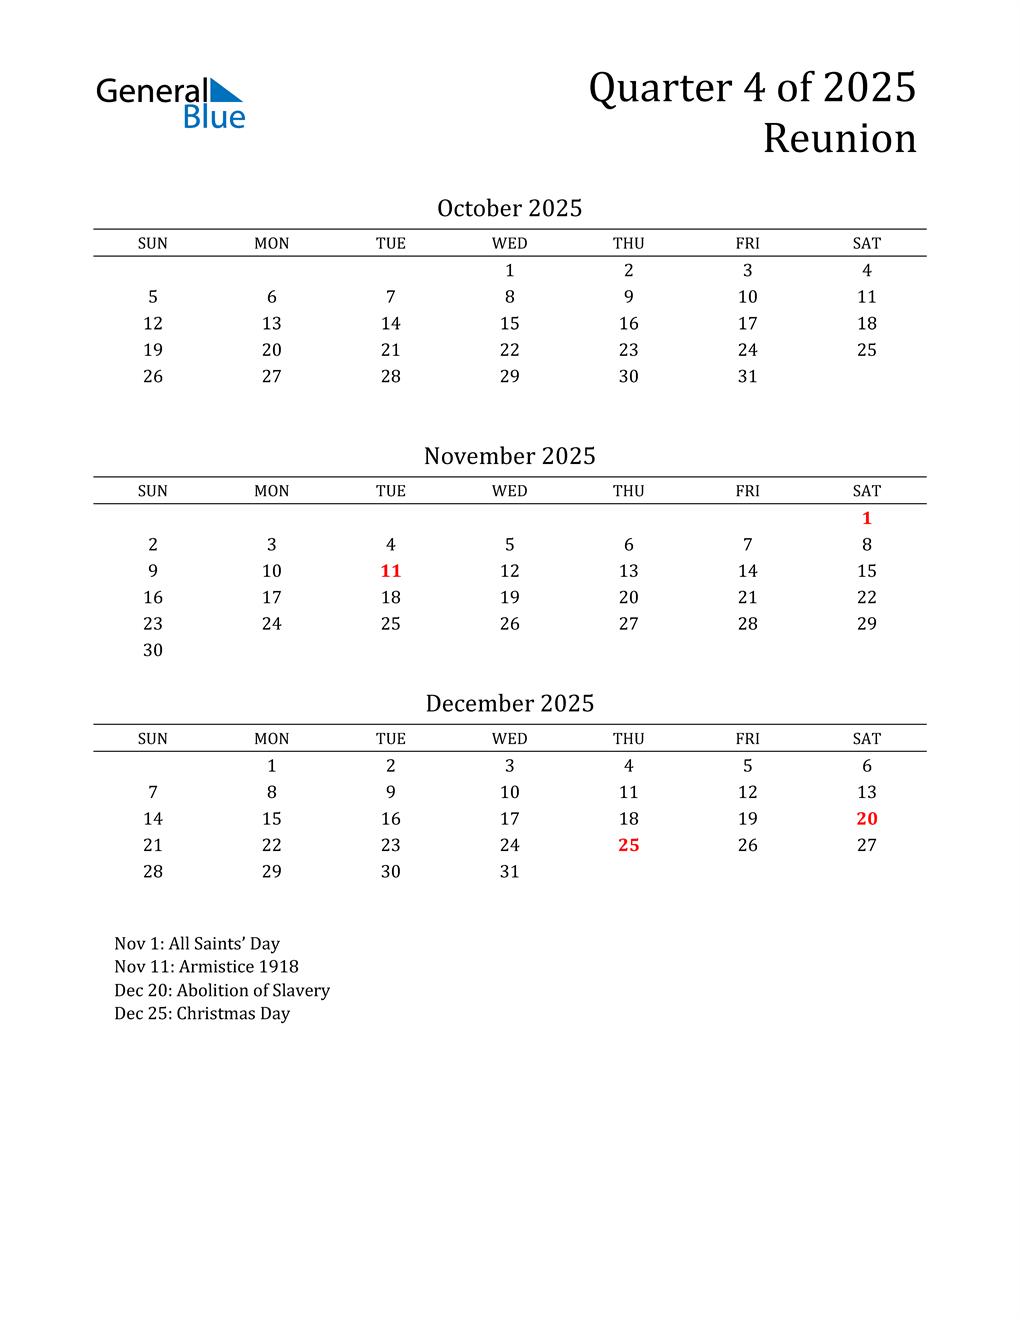 2025 Reunion Quarterly Calendar